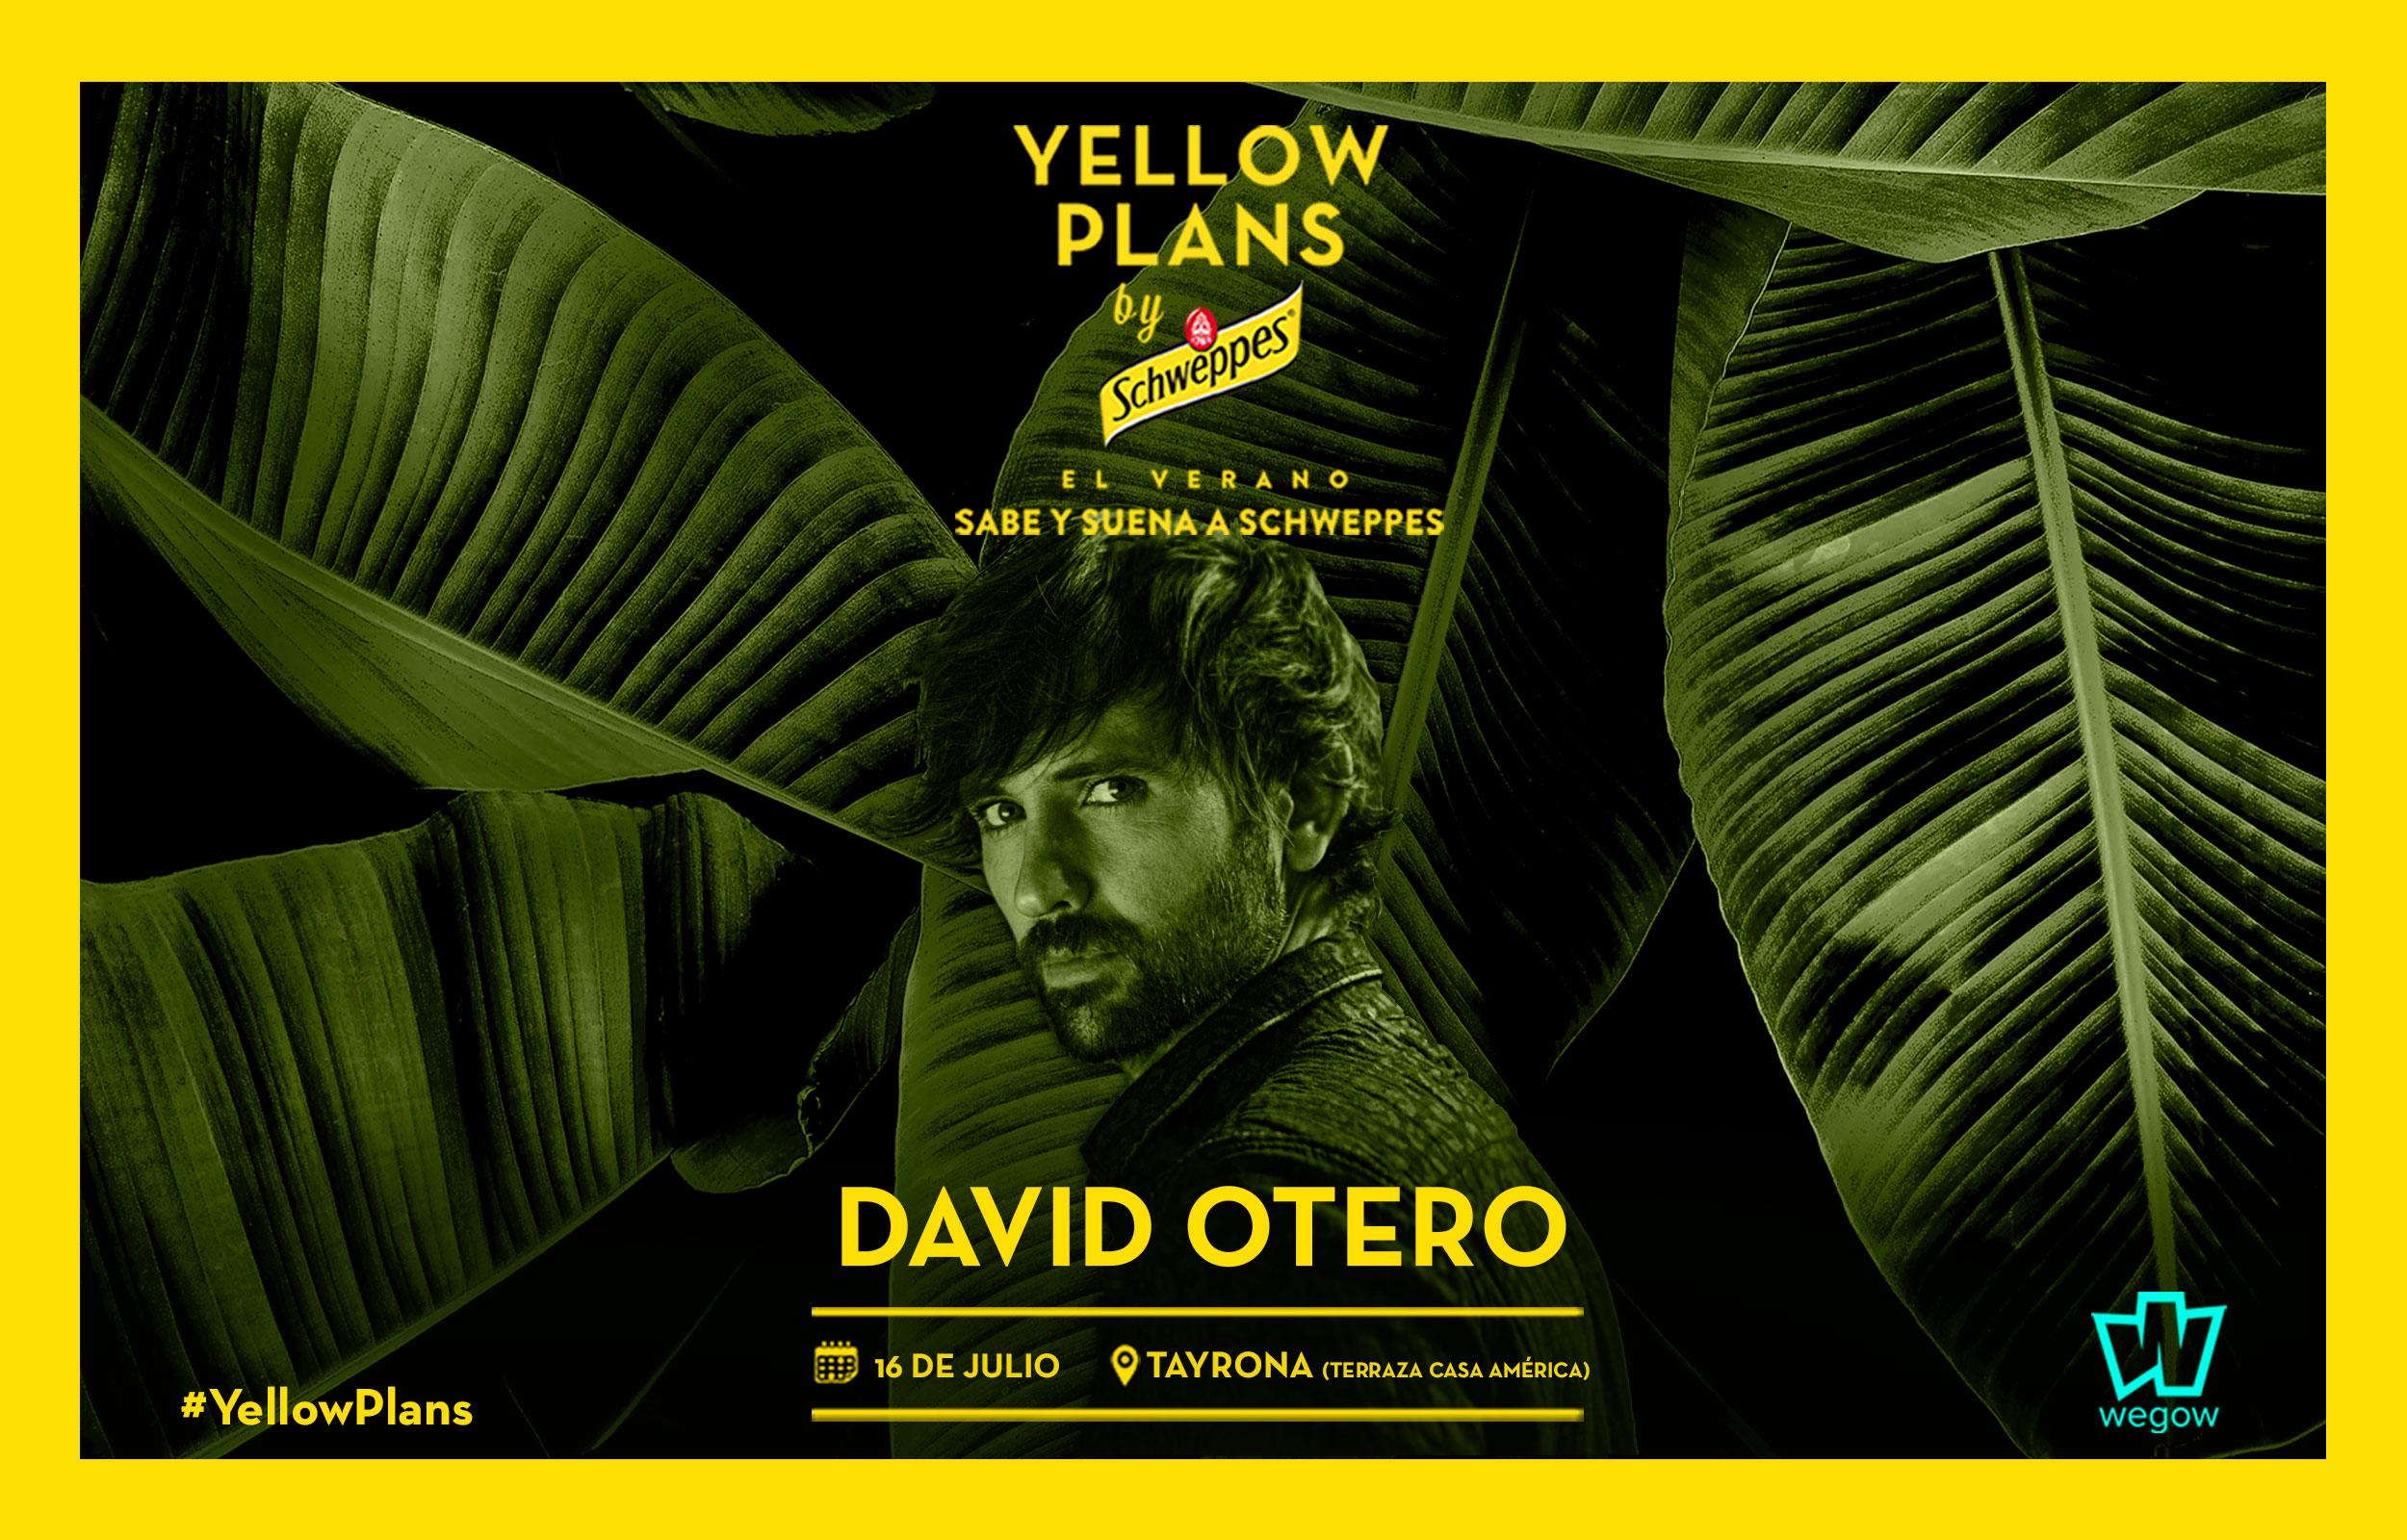 David Otero Concert Tickets For Tayrona Madrid Tuesday 16